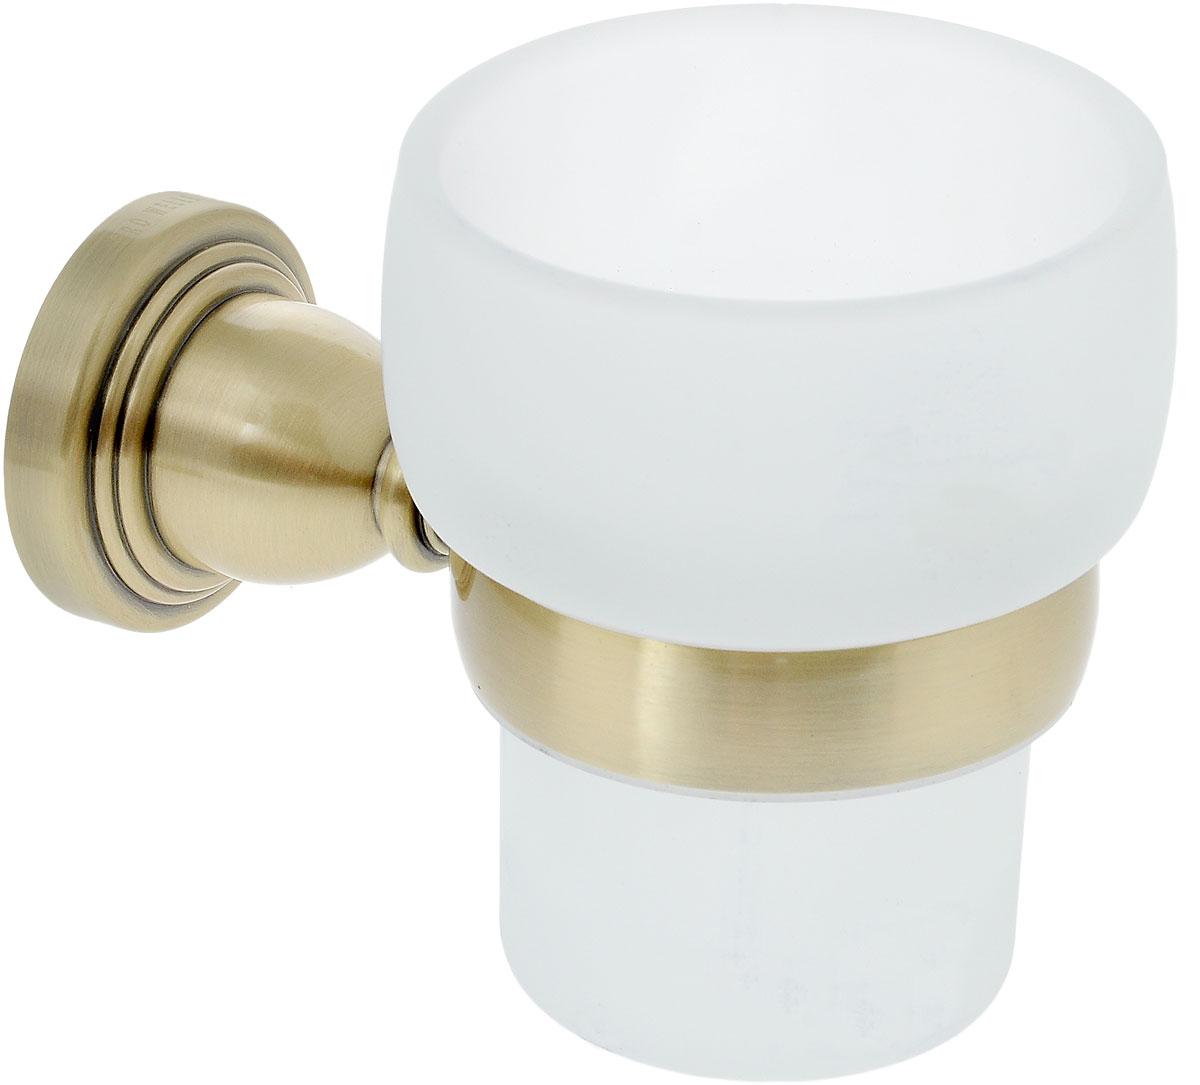 Стакан подвесной Gro Welle Muskat68/5/1Стакан для ванной комнаты Gro Welle Muskat изготовлен из высококачественного матового стекла. Для стакана предусмотрен специальный держатель, выполненный из латуни с хромированным покрытием. Хромоникелевое покрытие Crystallight придает изделию яркий металлический блеск и эстетичный внешний вид. Имеет водоотталкивающие свойства, благодаря которым защищает изделие. Устойчив к кислотным и щелочным чистящим средствам. Изделие быстро и просто крепится к стене, крепежные материалы входят в комплект. В стакане удобно хранить зубные щетки, пасту и другие принадлежности. Диаметр стакана по верхнему краю: 8 см.Высота стакана: 10 см.Отступ стакана от стены: 12,8 см.